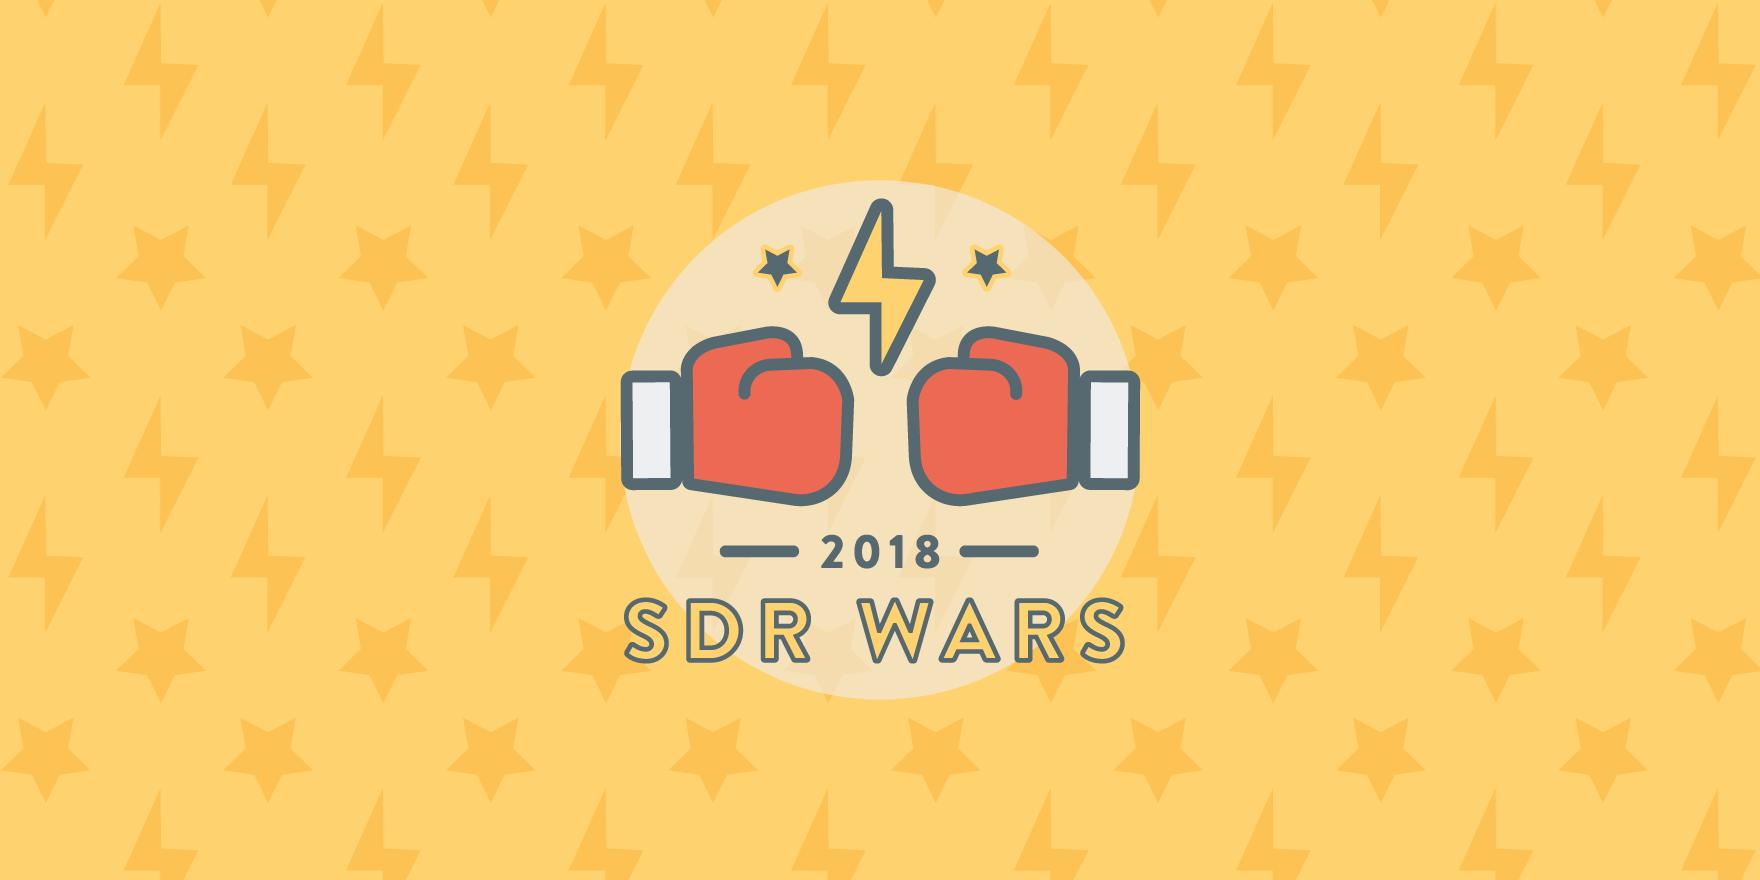 Sdrwars Graphic